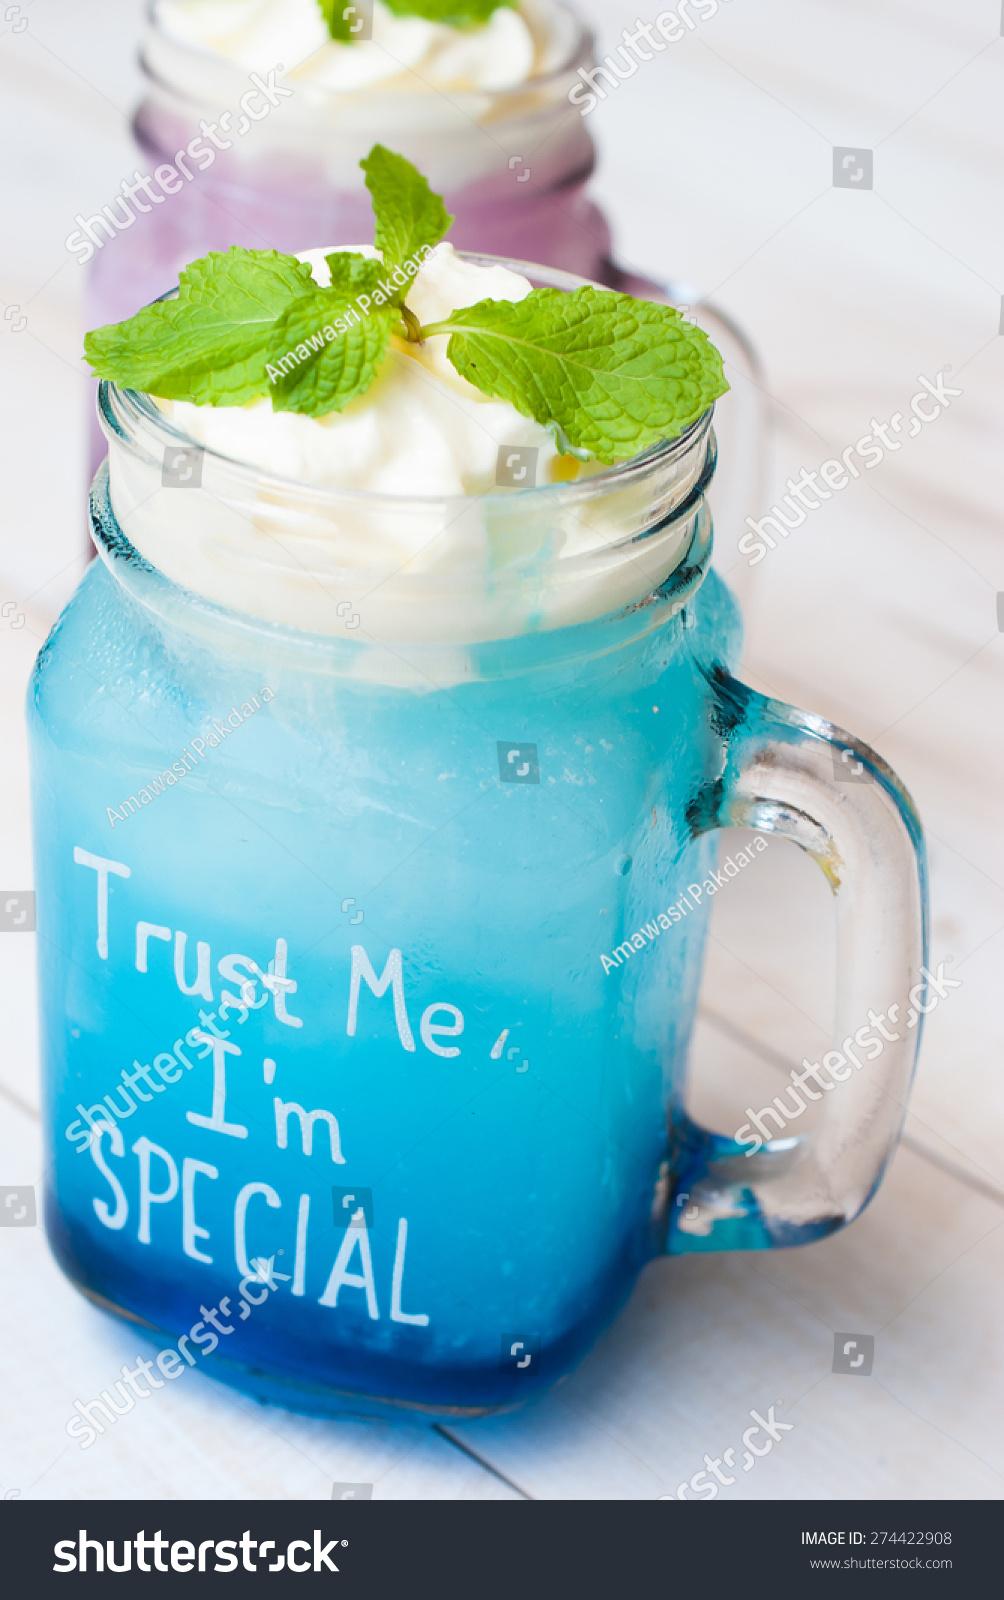 与蓝色夏威夷鸡尾酒杯,梅森罐-食品及饮料-海洛创意()